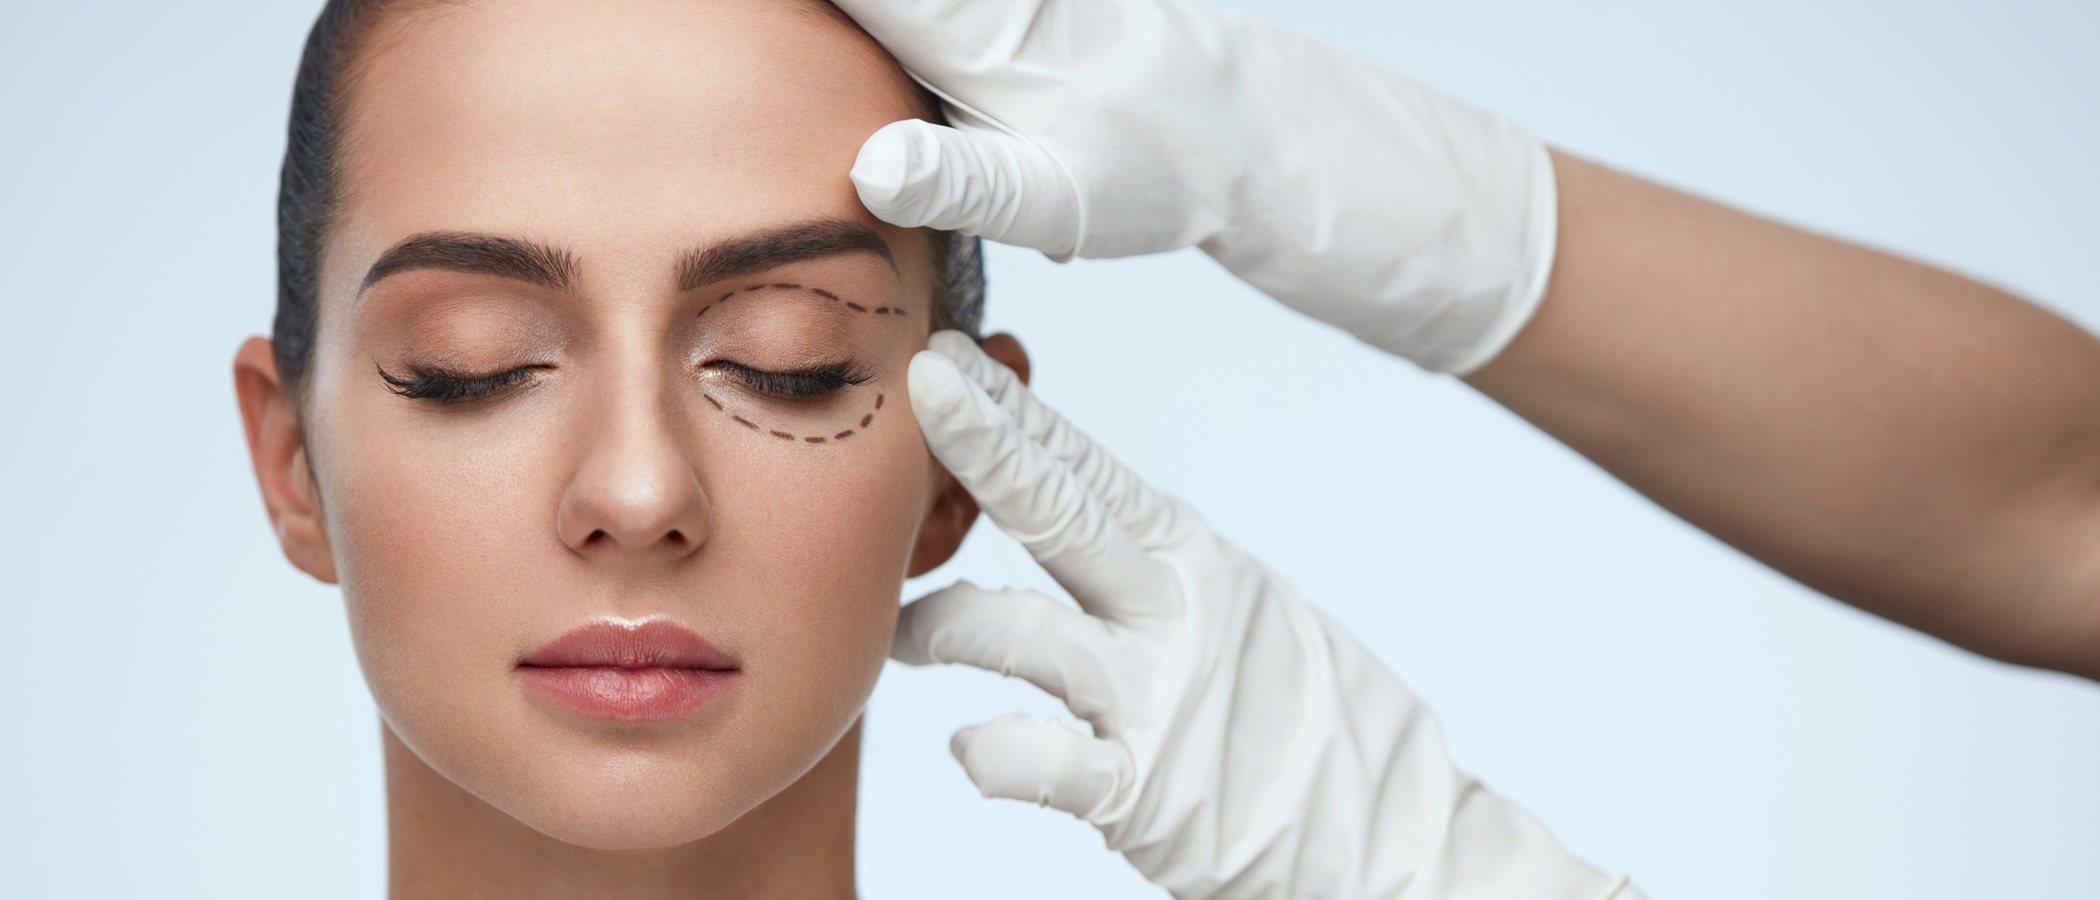 Cómo maquillarse para disimular los párpados caídos